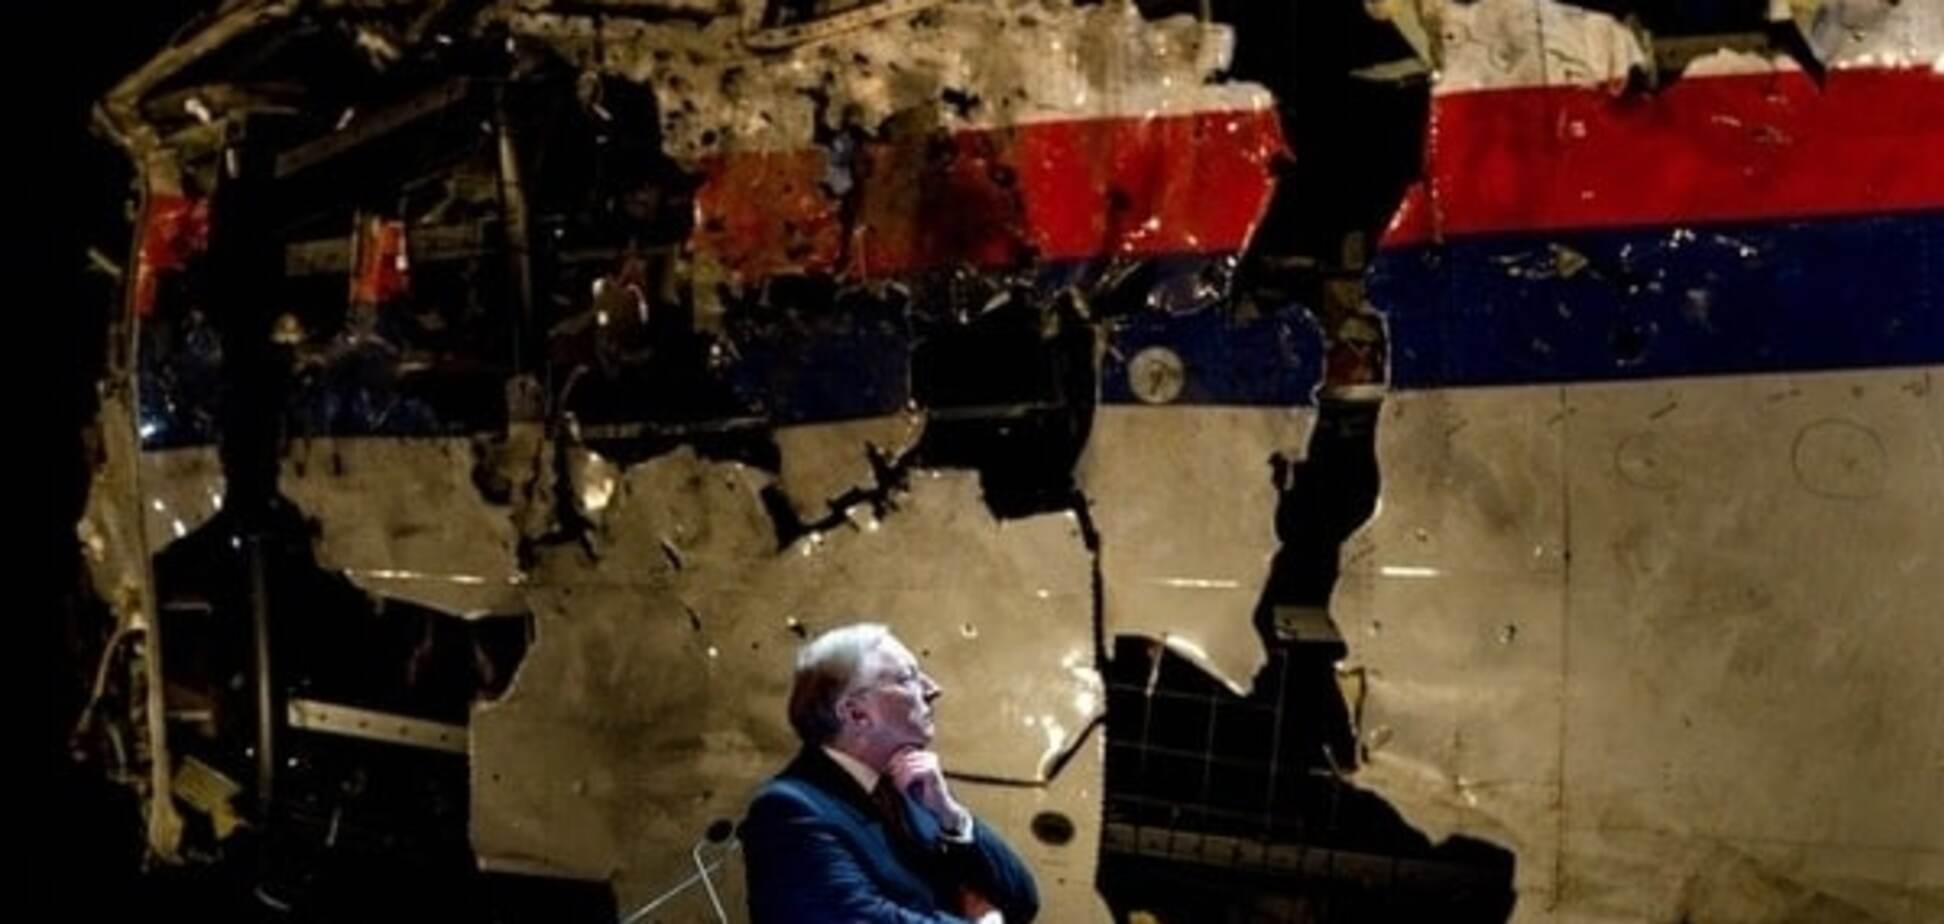 Рабинович пояснив, чому доповідь по MH17 став 'медійною бомбою'